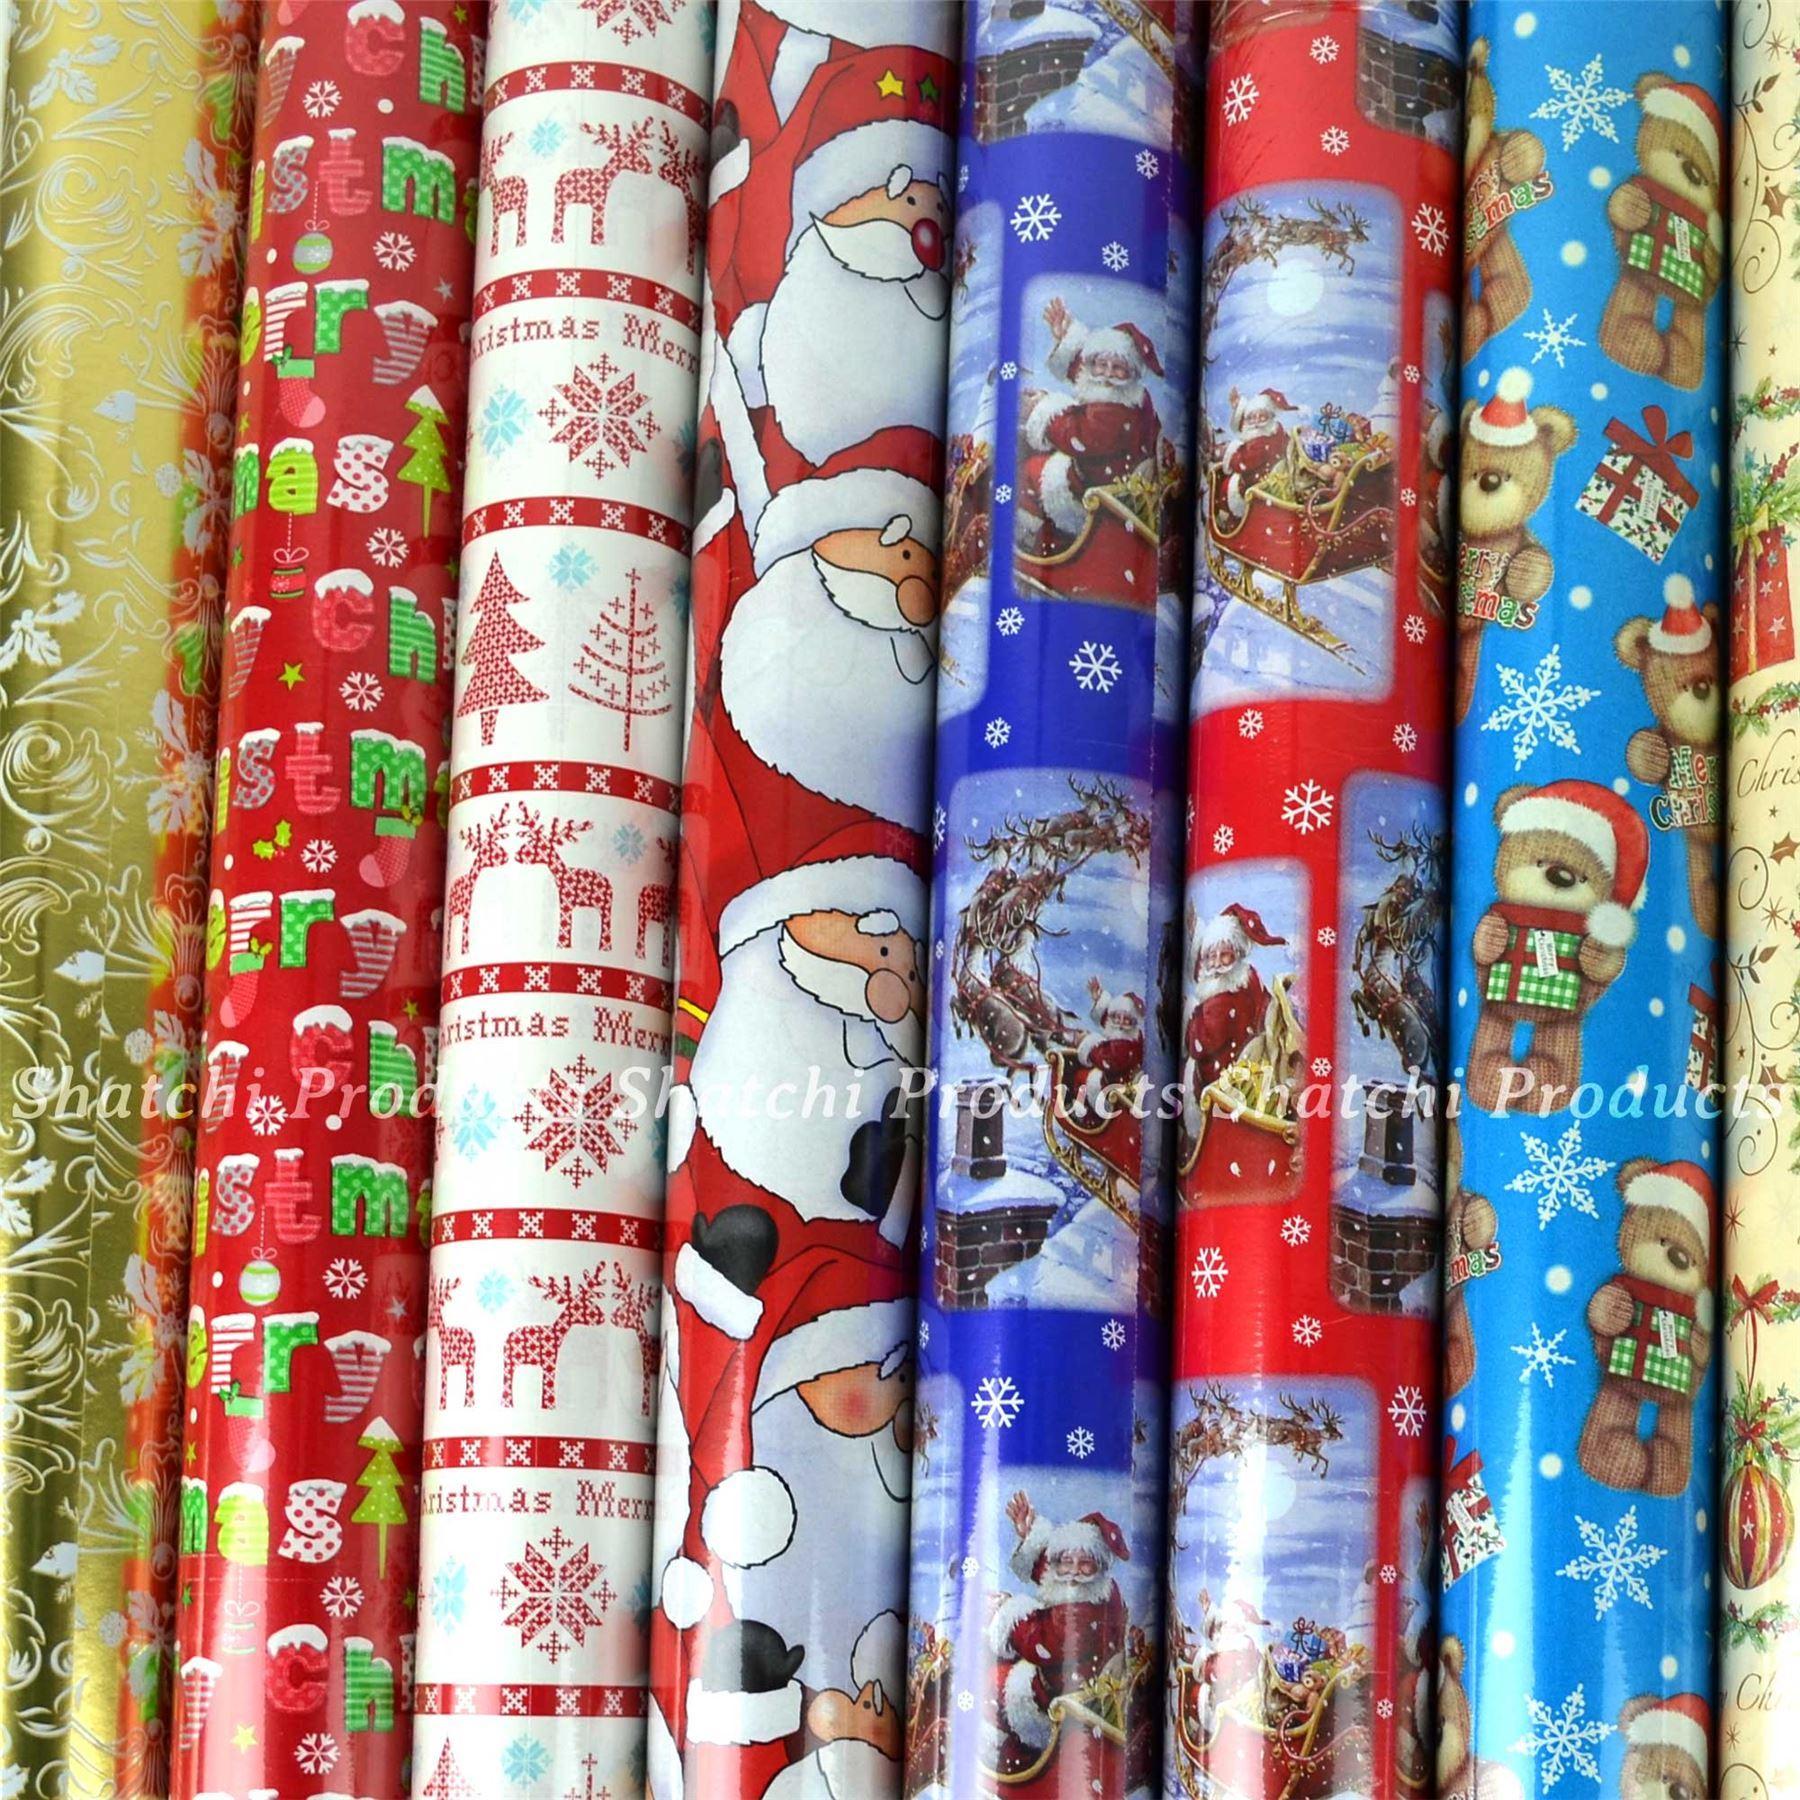 10M-Natale-Regalo-Wrap-Assortiti-ROTOLI-DI-CARTA-DA-PACCO-ROTOLO-REGALO-DI-NATALE miniatura 13